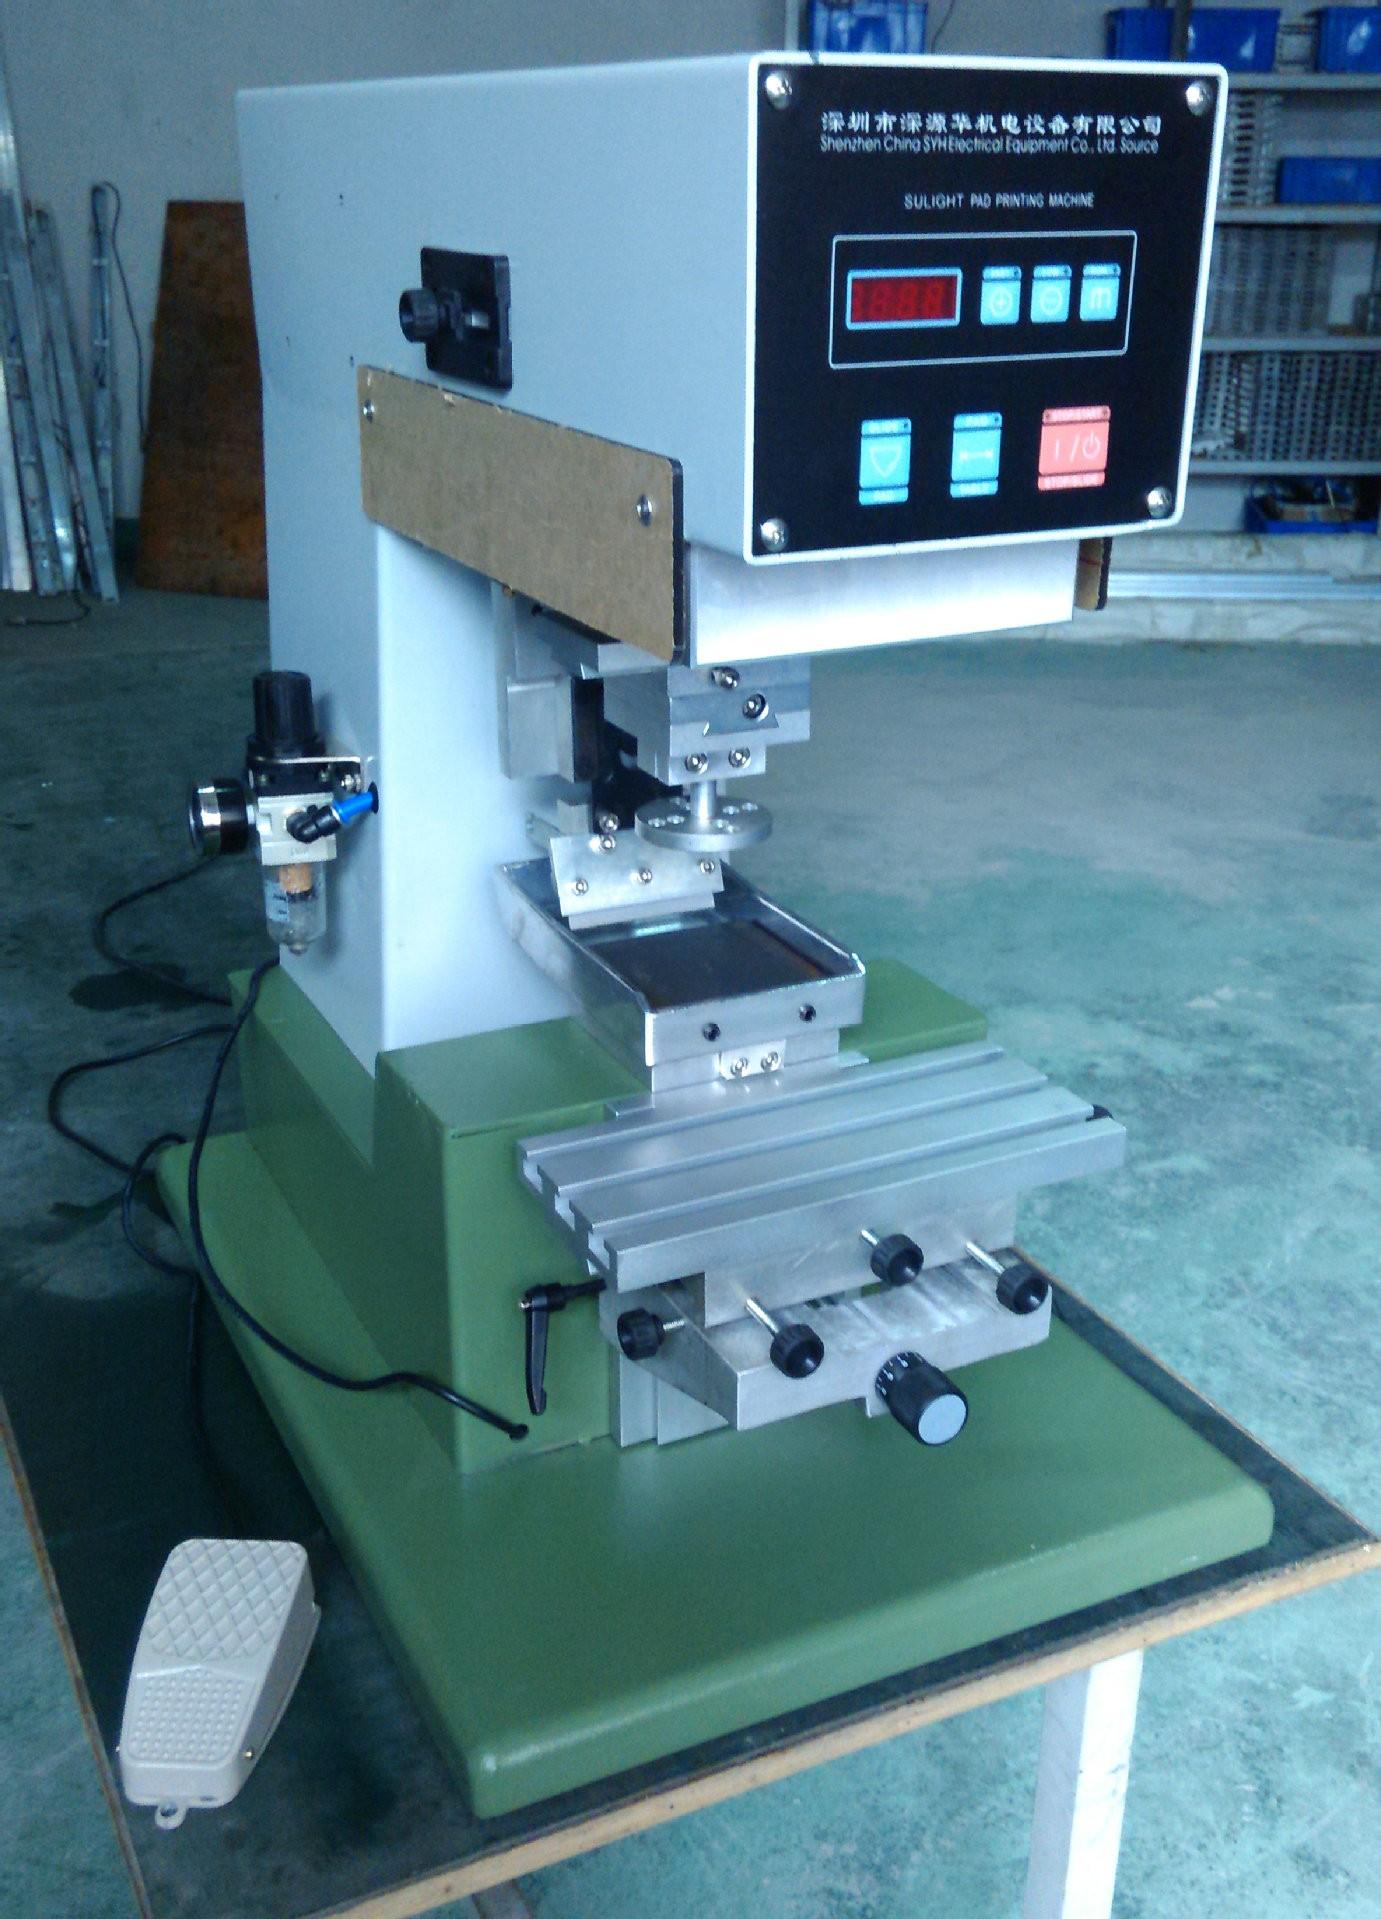 迷你型台式移印机 油墨移印机 任何材质 SMD